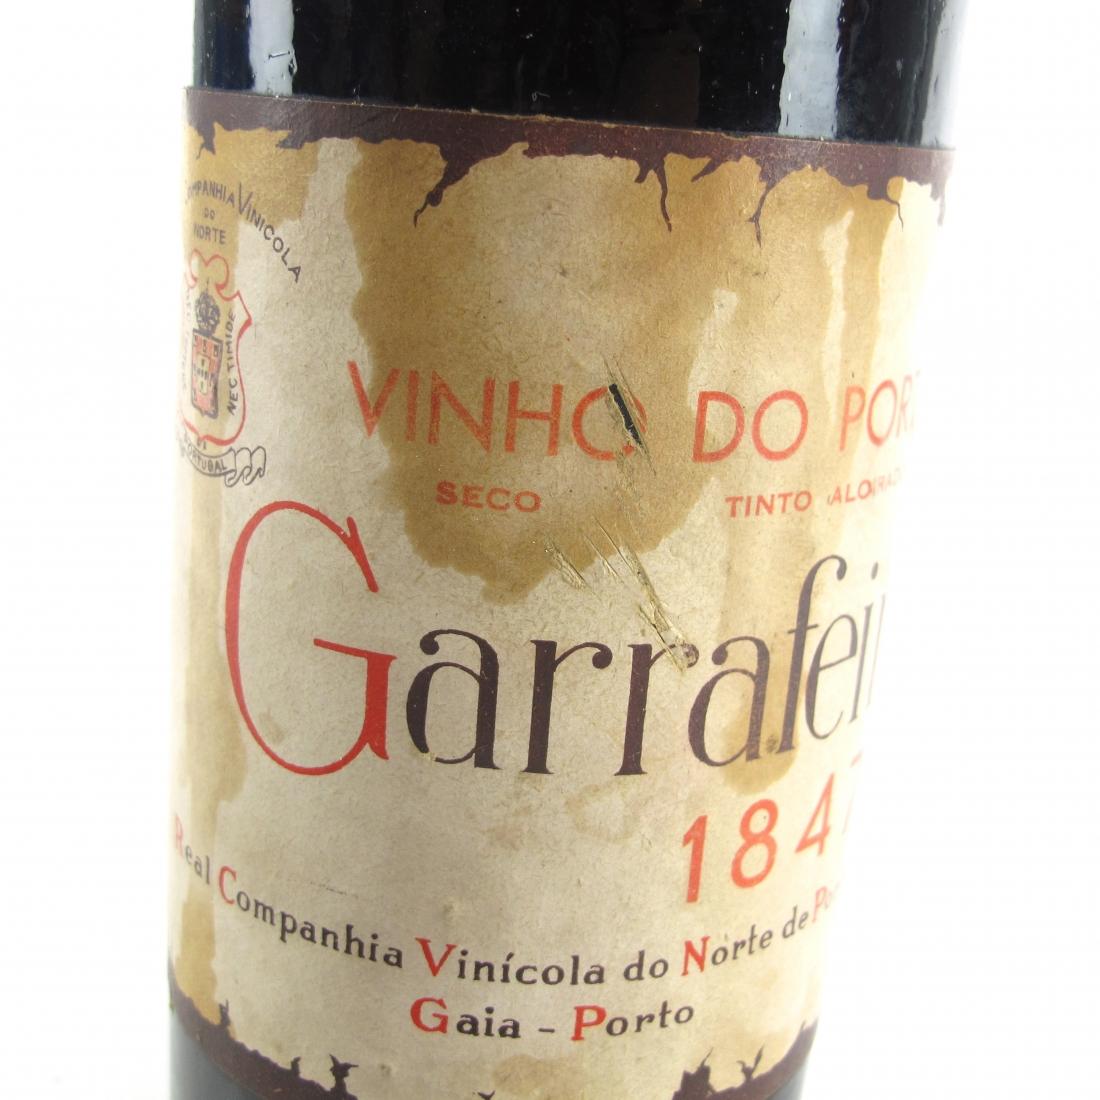 CVNP 1847 Garrafeira Port